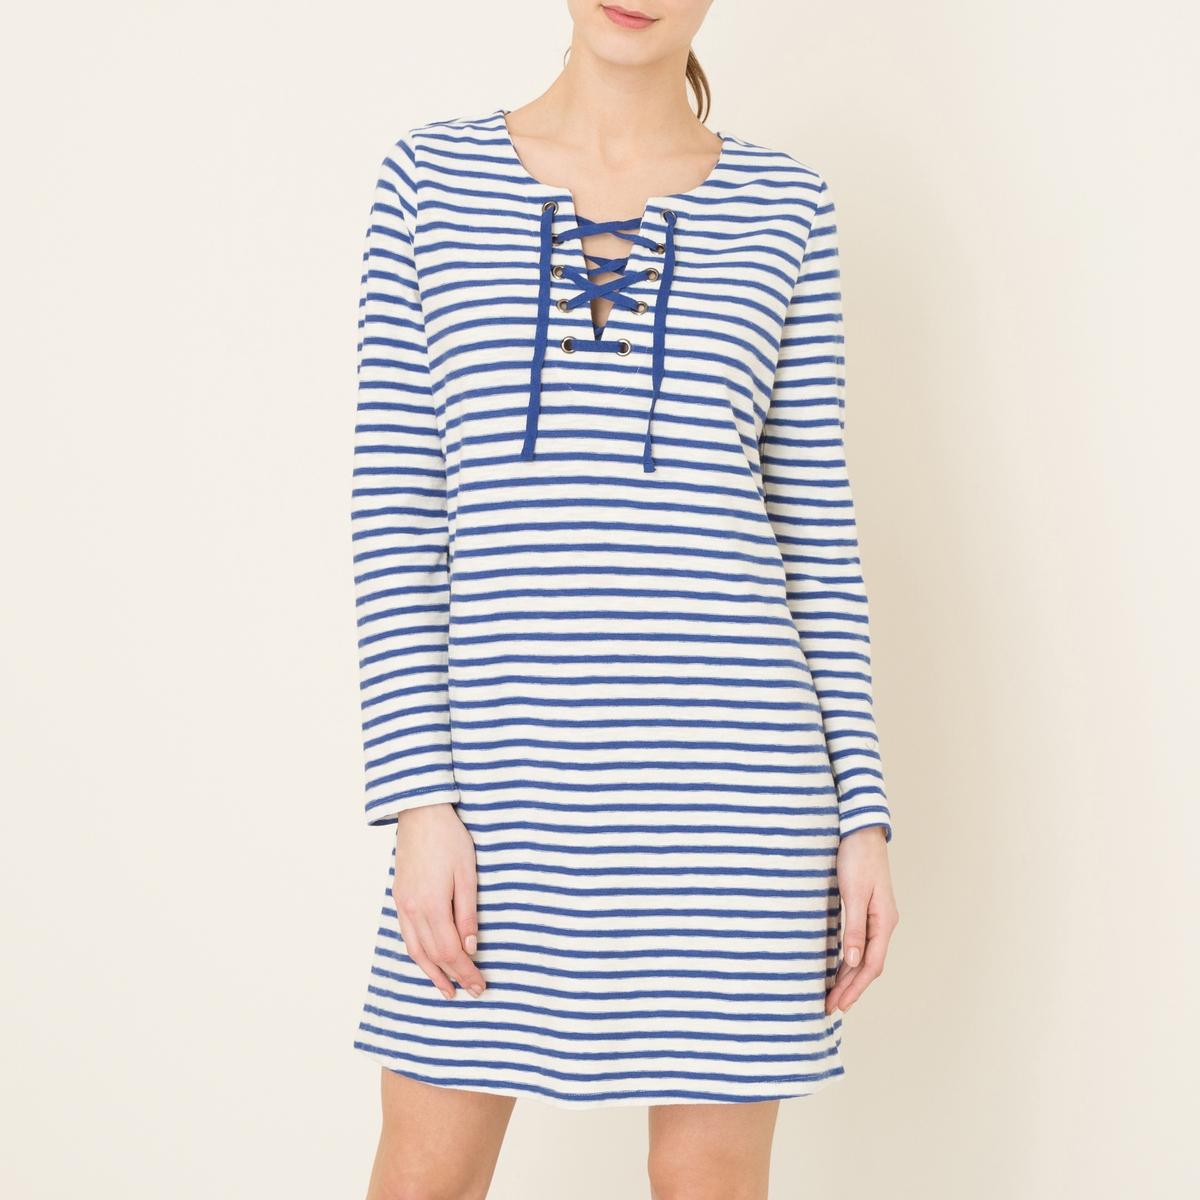 Платье в полоску RAELYNСостав и описаниеМатериал : 100% хлопокДлина : 89 см для размера SМарка : LEON AND HARPER<br><br>Цвет: белый/ синий